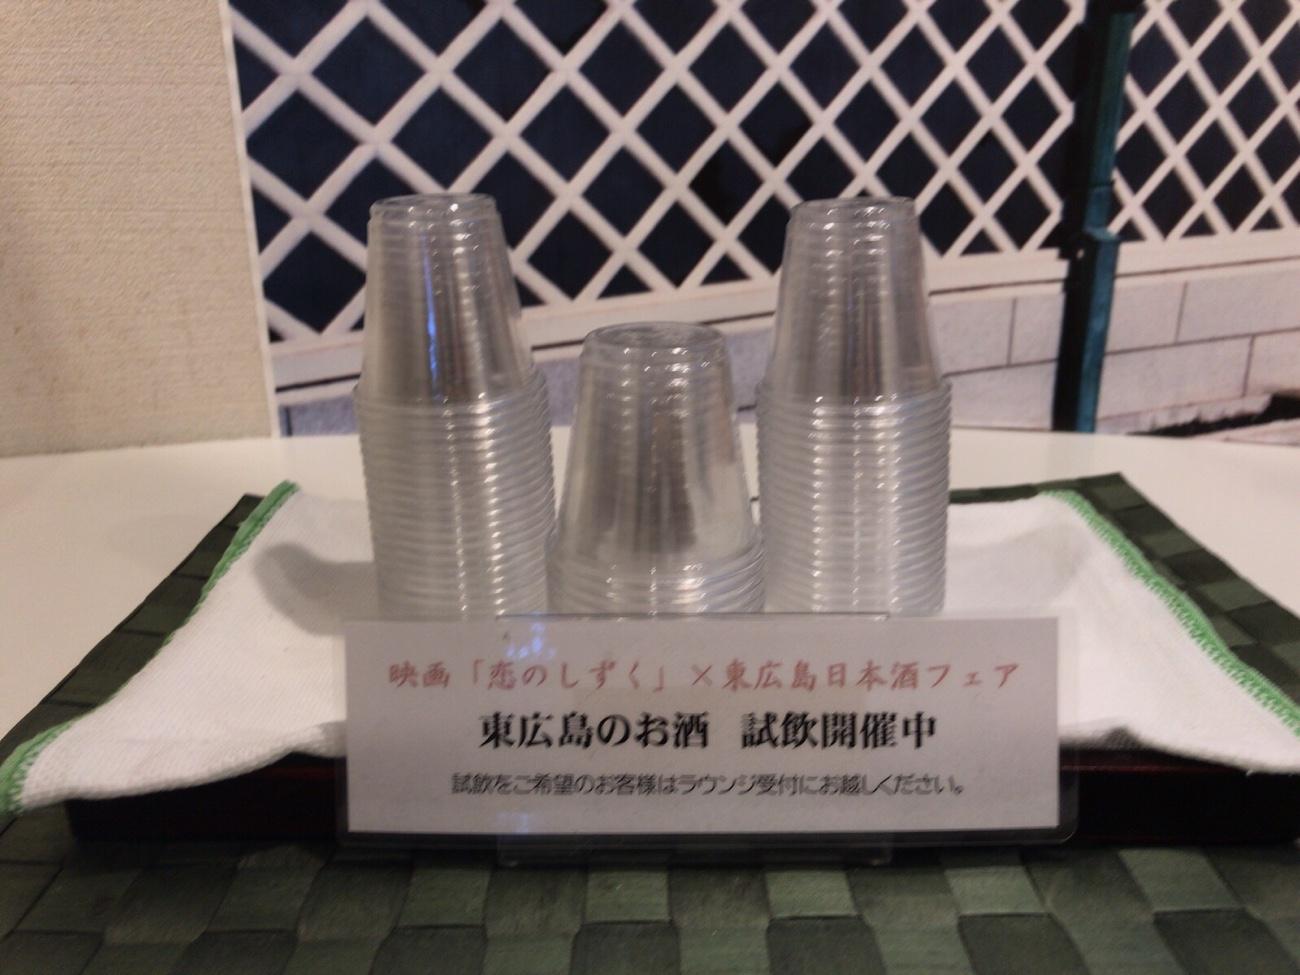 地酒試飲コーナー広島空港カードラウンジもみじ